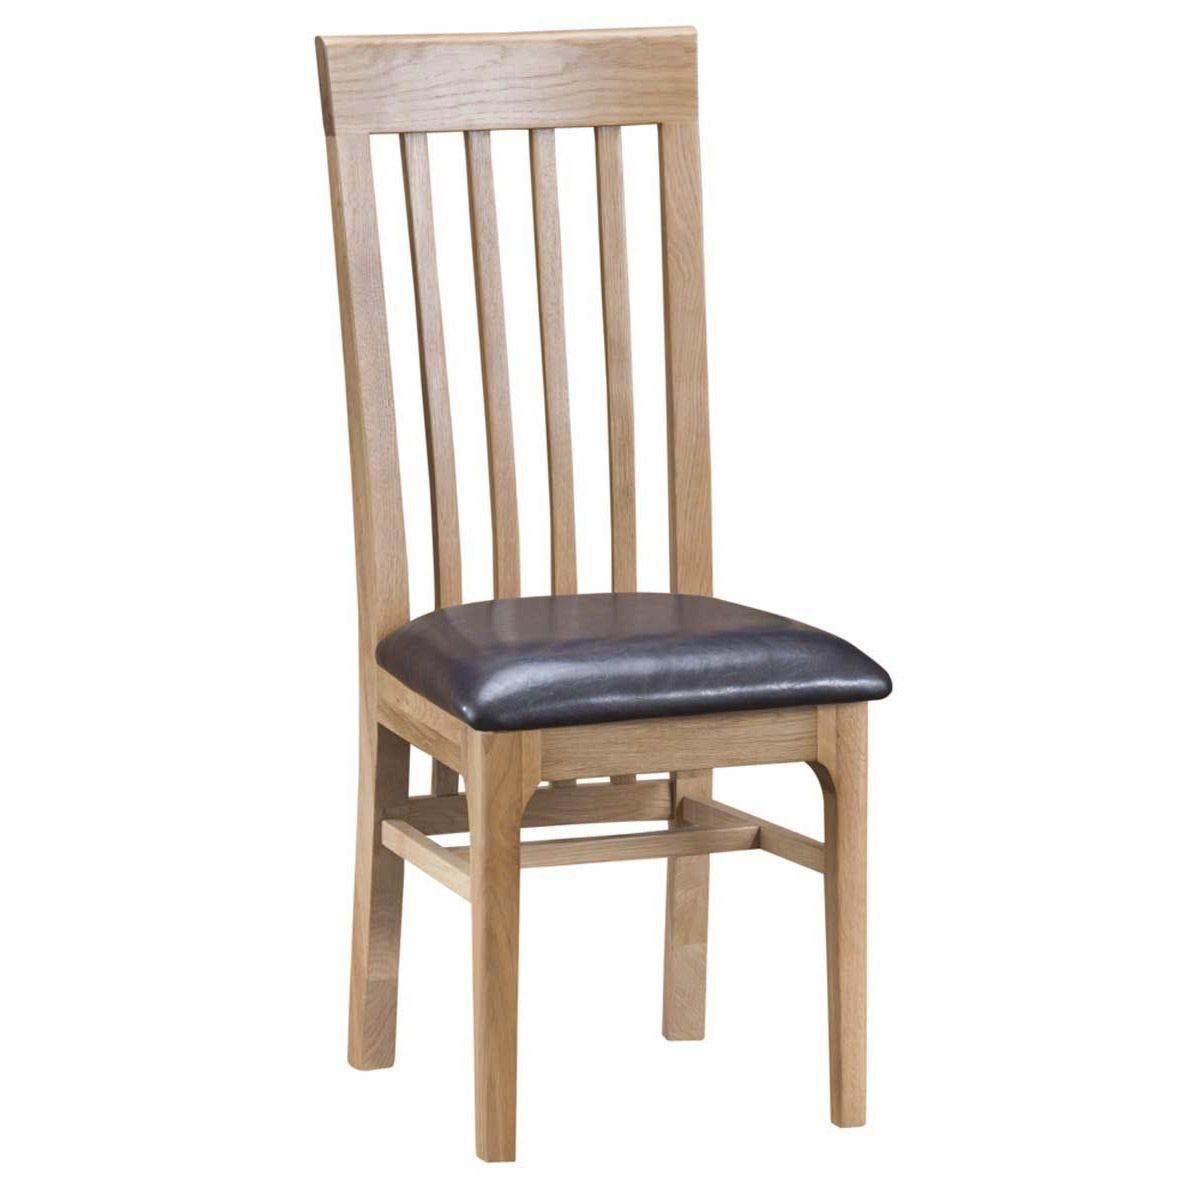 Cranbrook Natural Oak Slat Back Chair